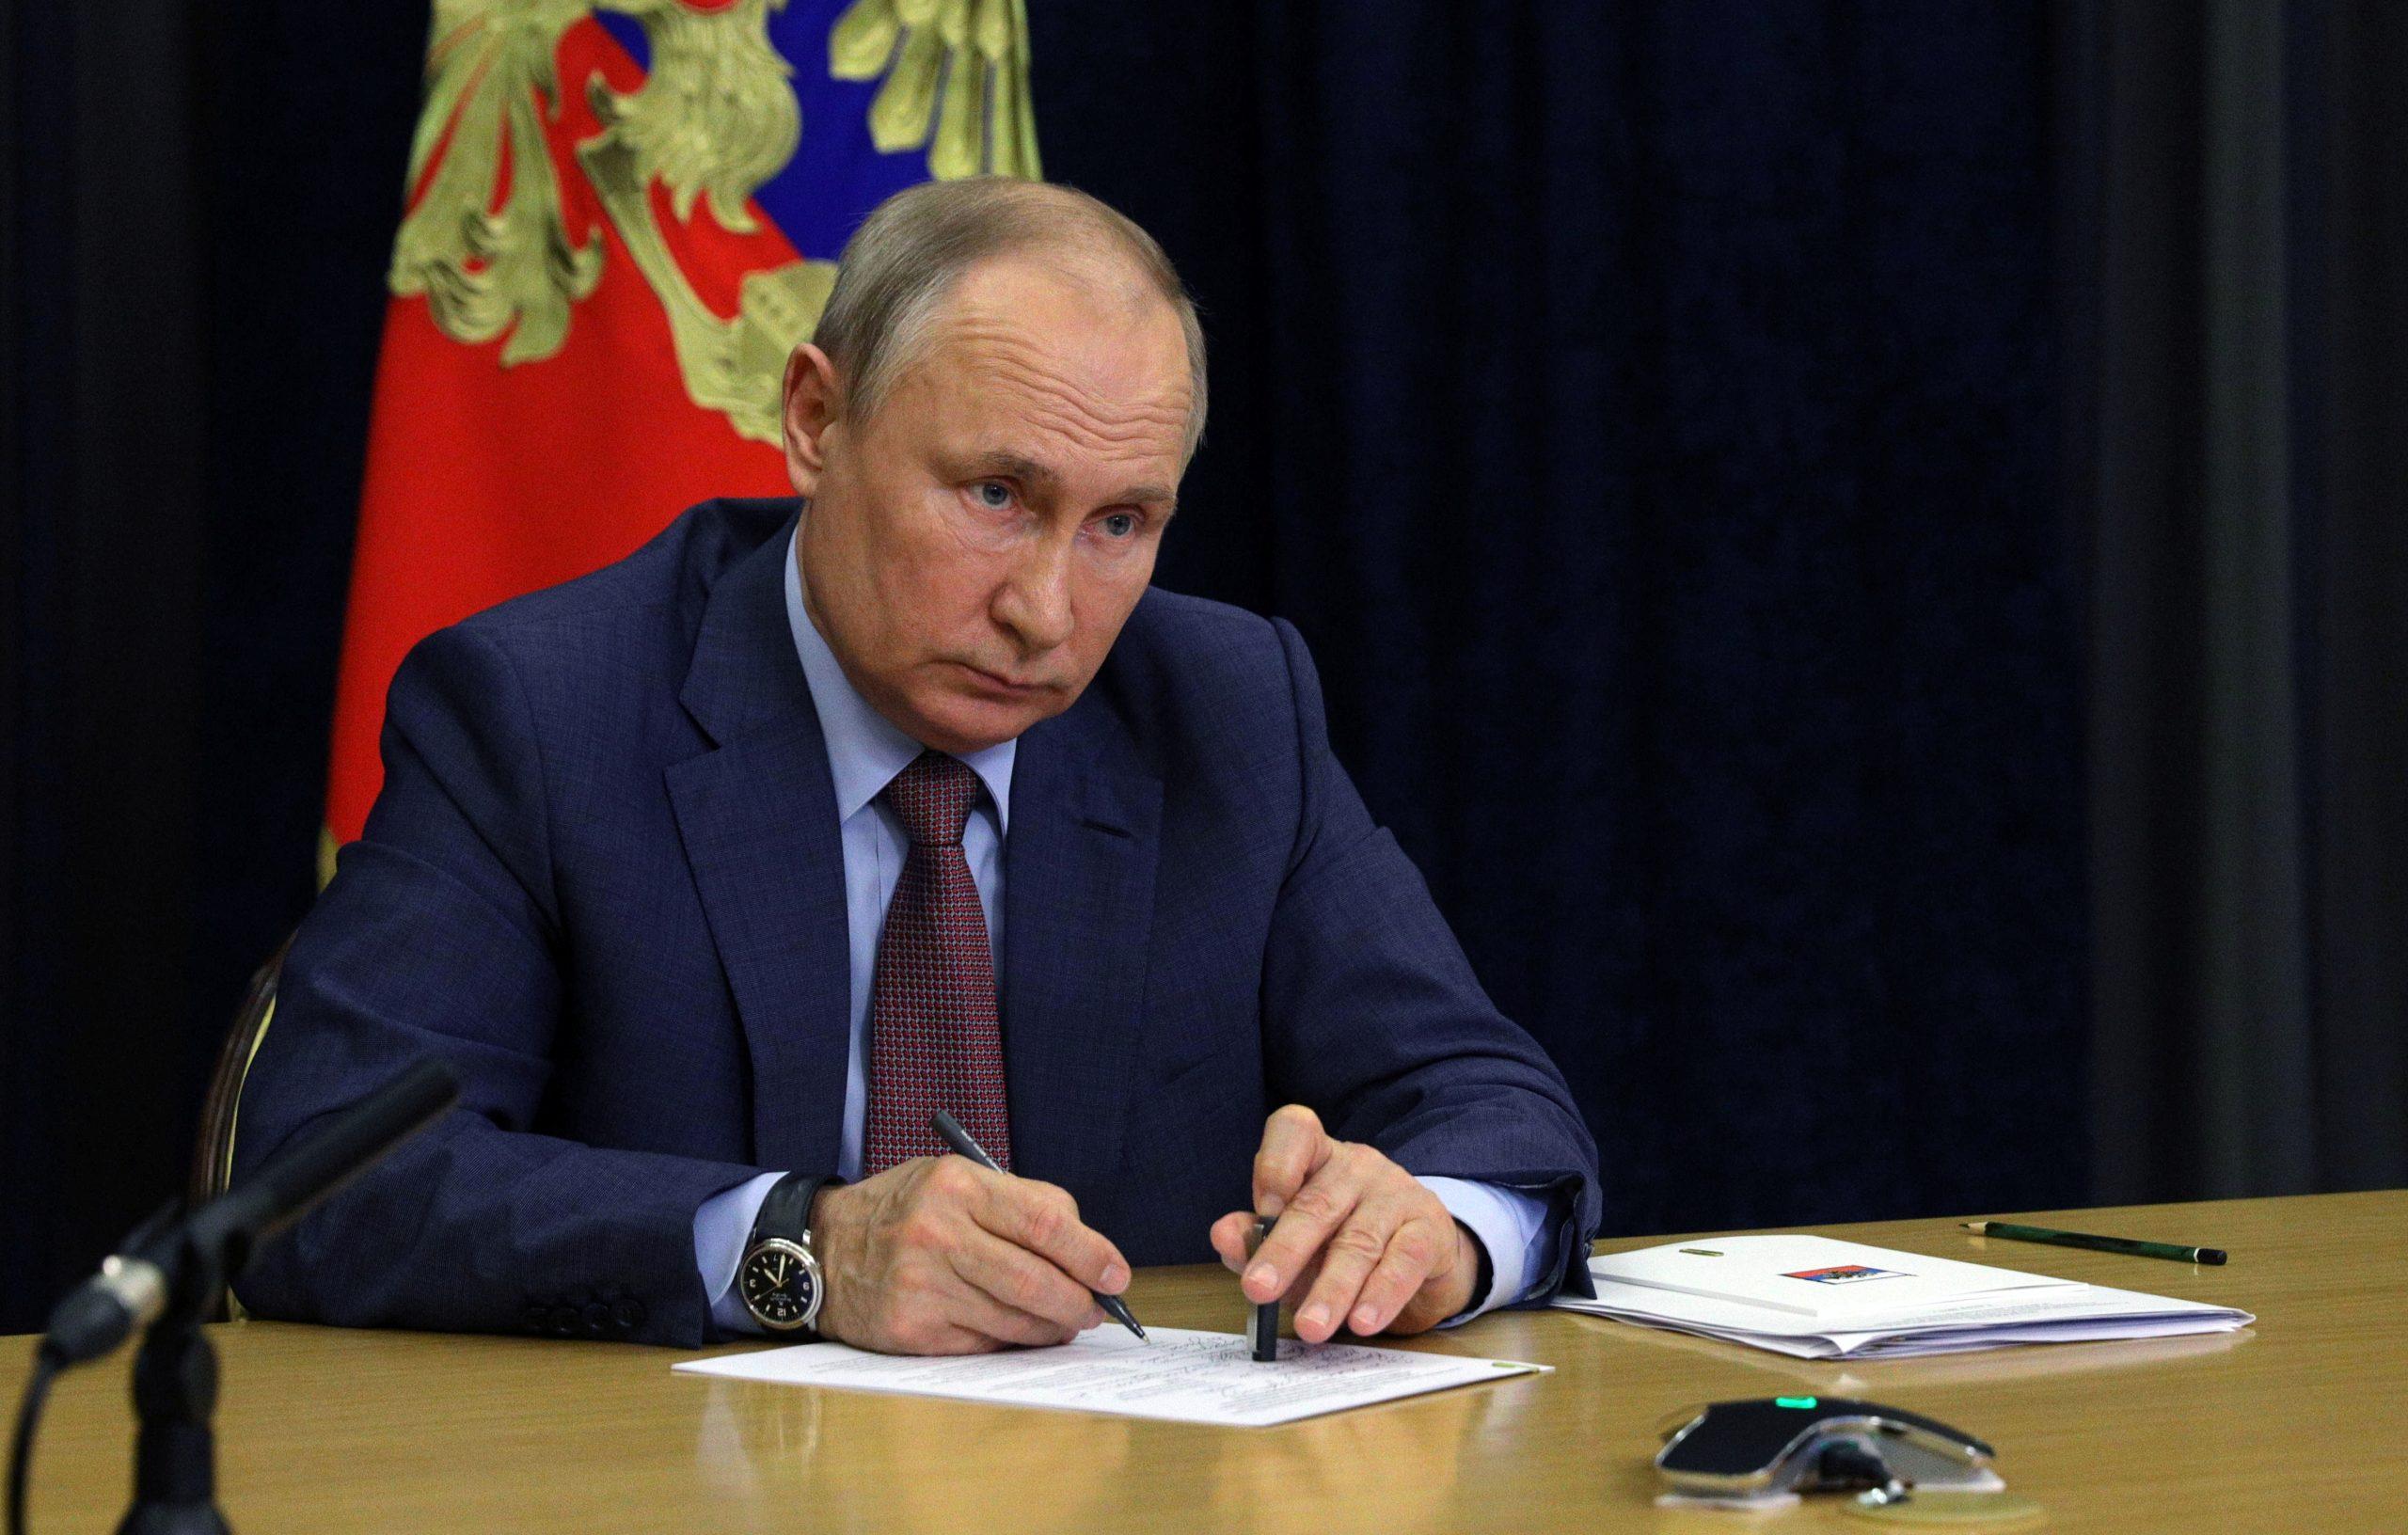 هشتادمین سالروز حملهی نازیها؛ پوتین از قربانیهای شوروی ستایش کرد